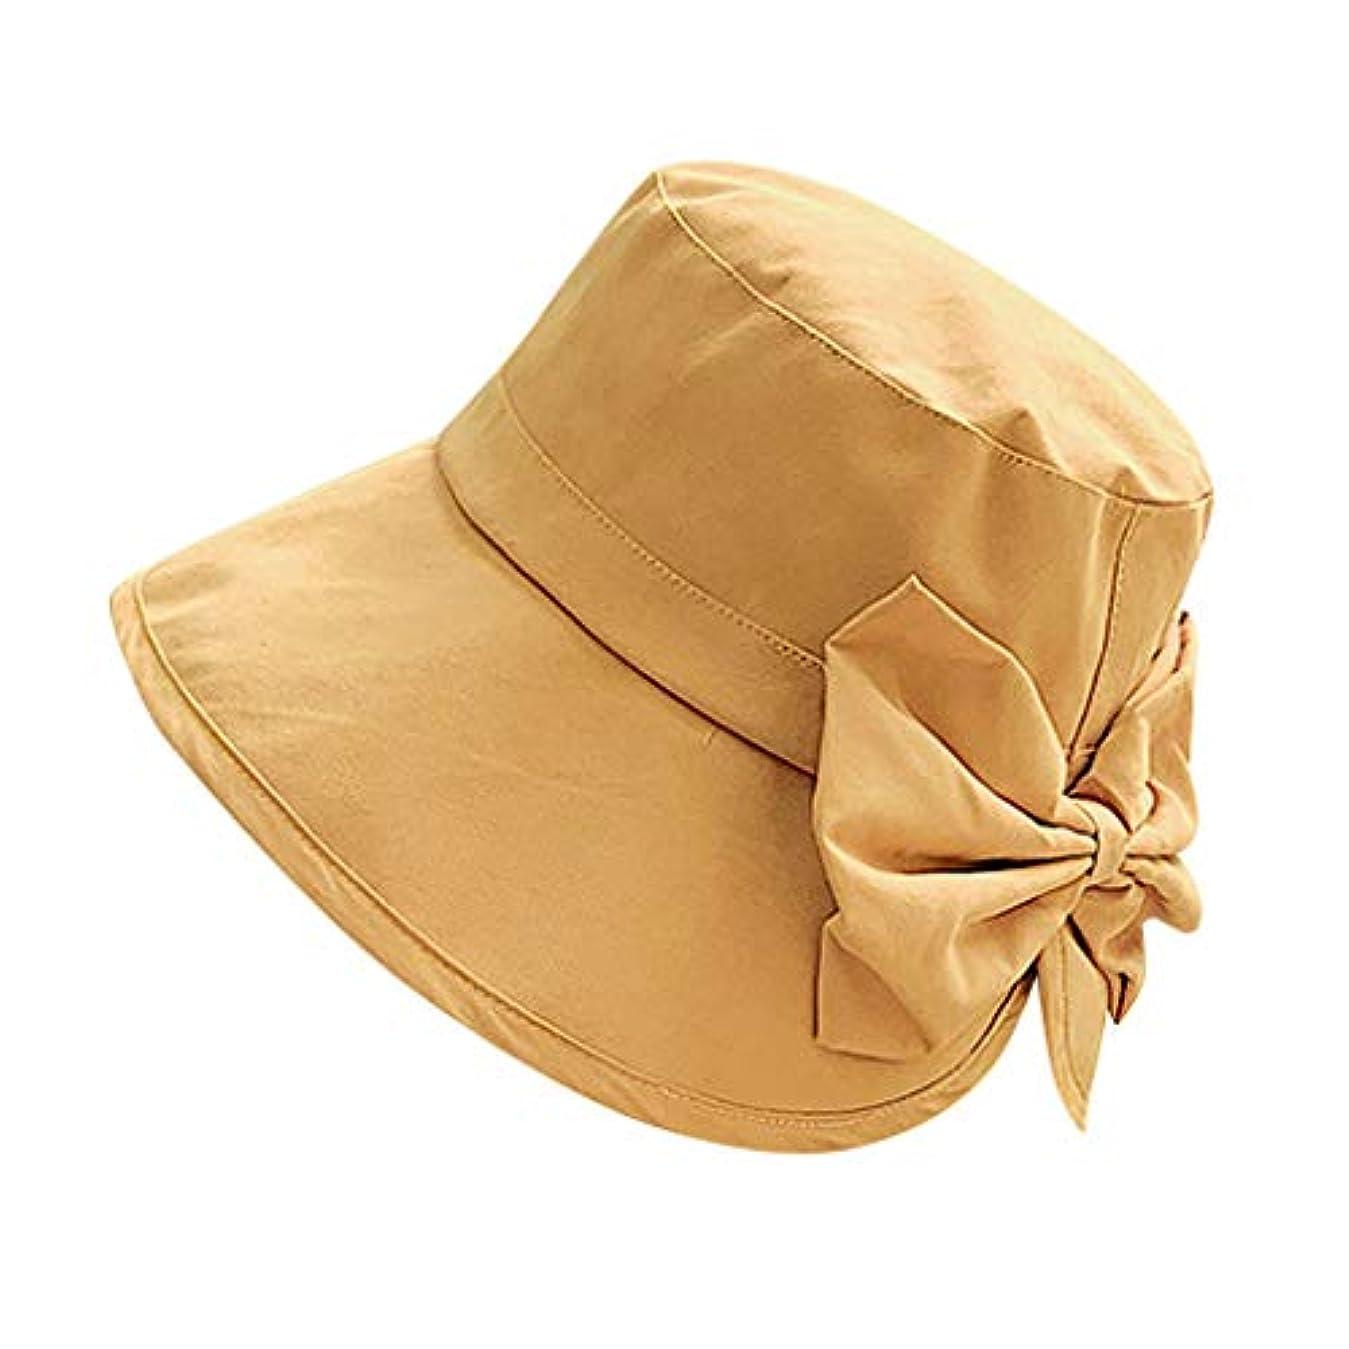 疑問に思う前件広く女性 帽子 レディース UVカット ハット女の子 つば広い 漁師帽 女優帽 小顔効果 紫外線 対策 レディース 蝶結び UV 加工 リボン ハット ビーチ 日よけ テント ビーチサンダル ベレー帽 ROSE ROMAN